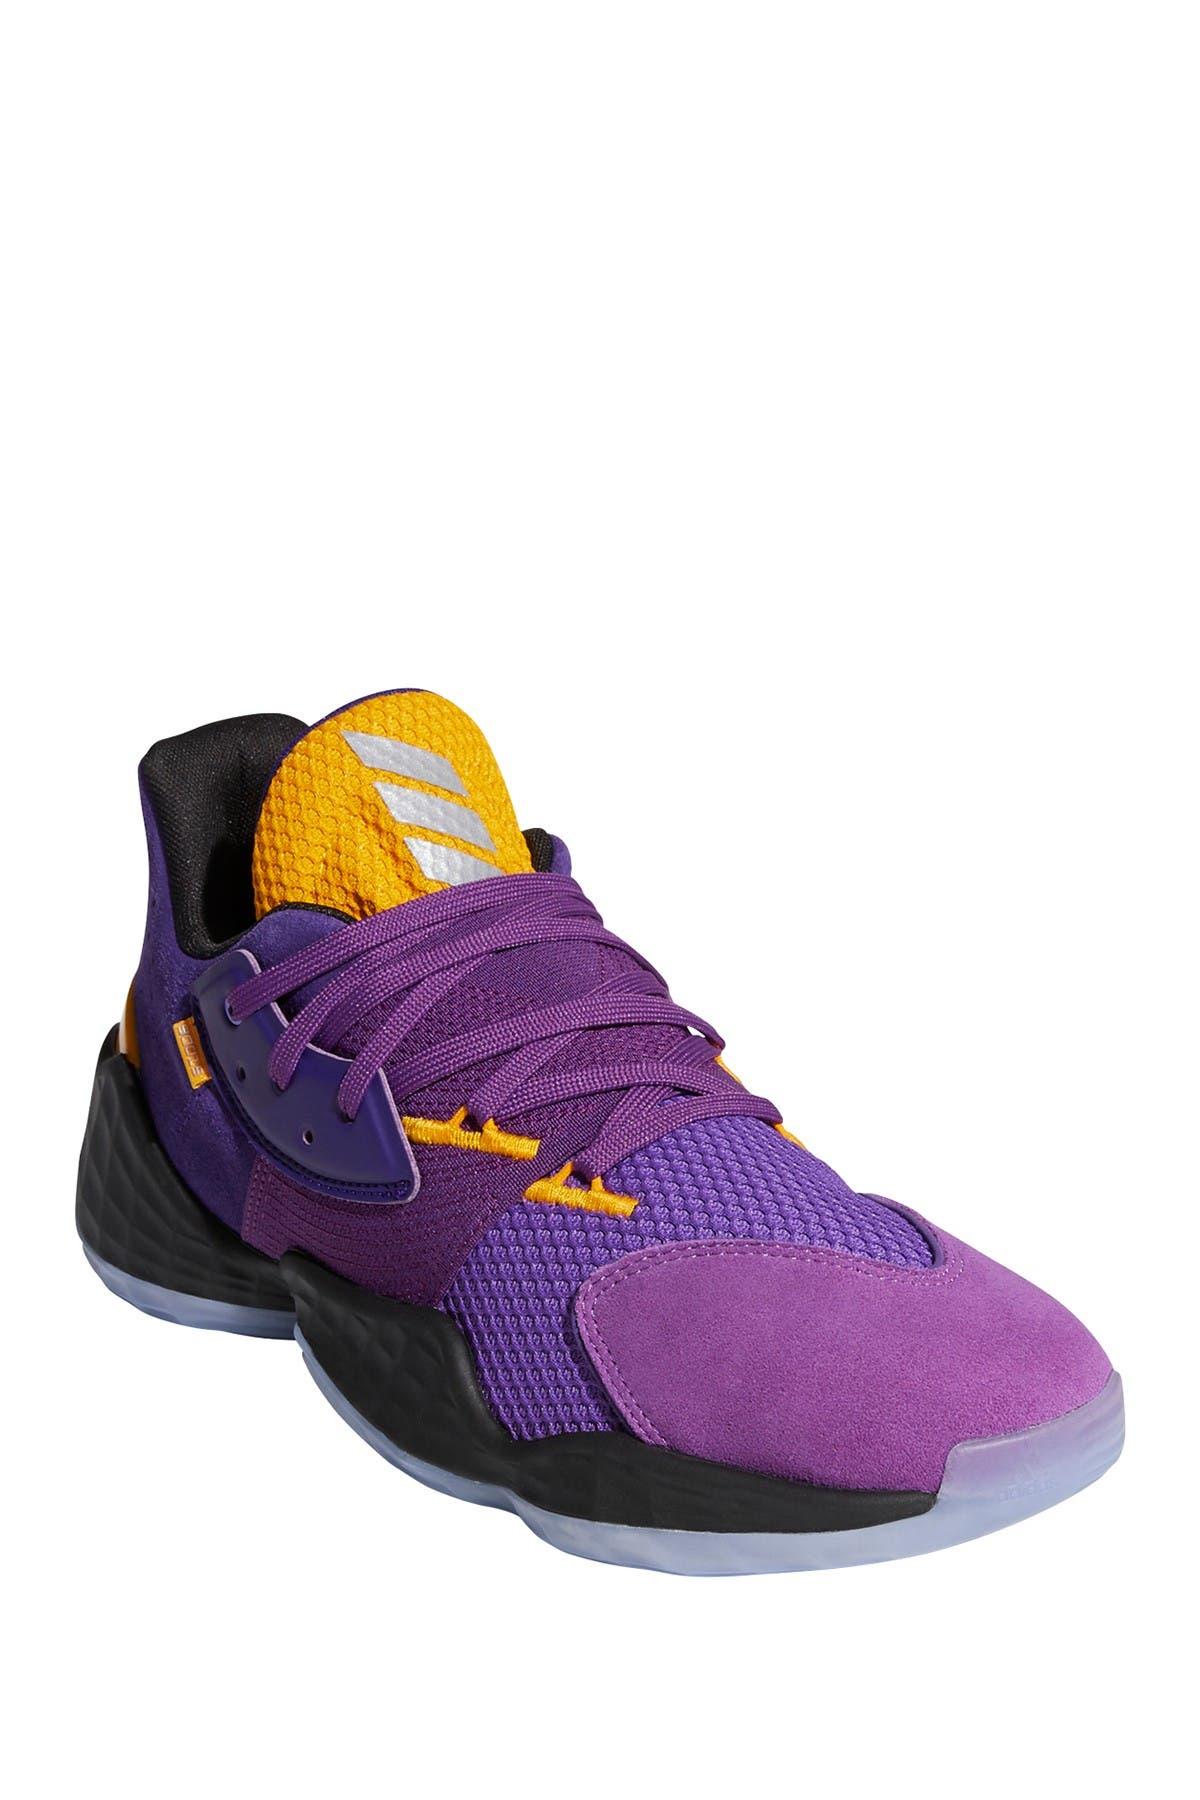 Image of adidas Harden Vol. 4 Su Casa Basketball Shoe